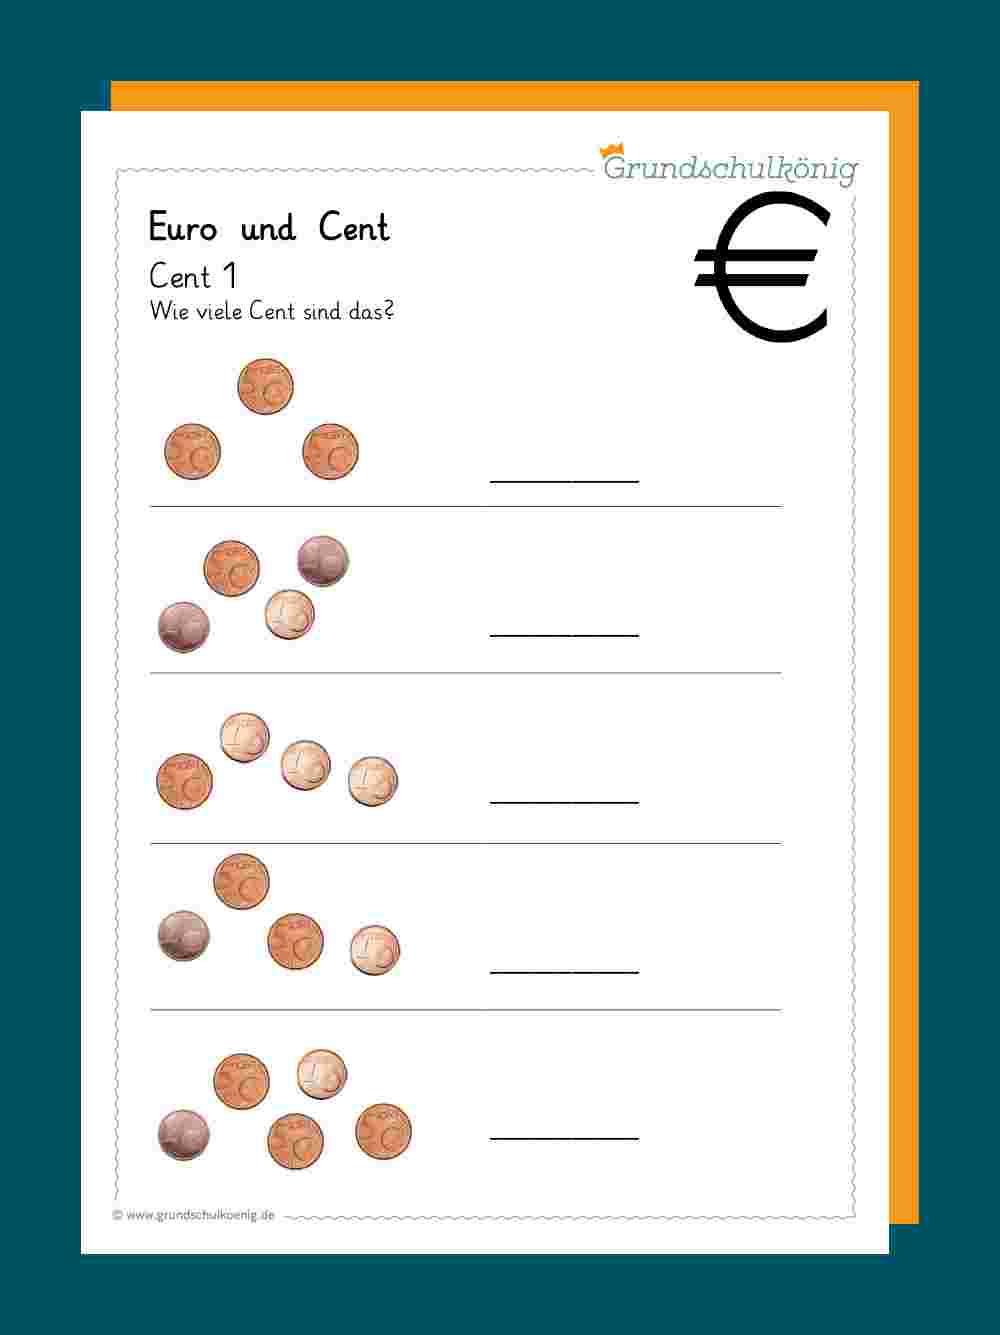 Euro Und Cent für Übungsaufgaben 1 Klasse Kostenlos